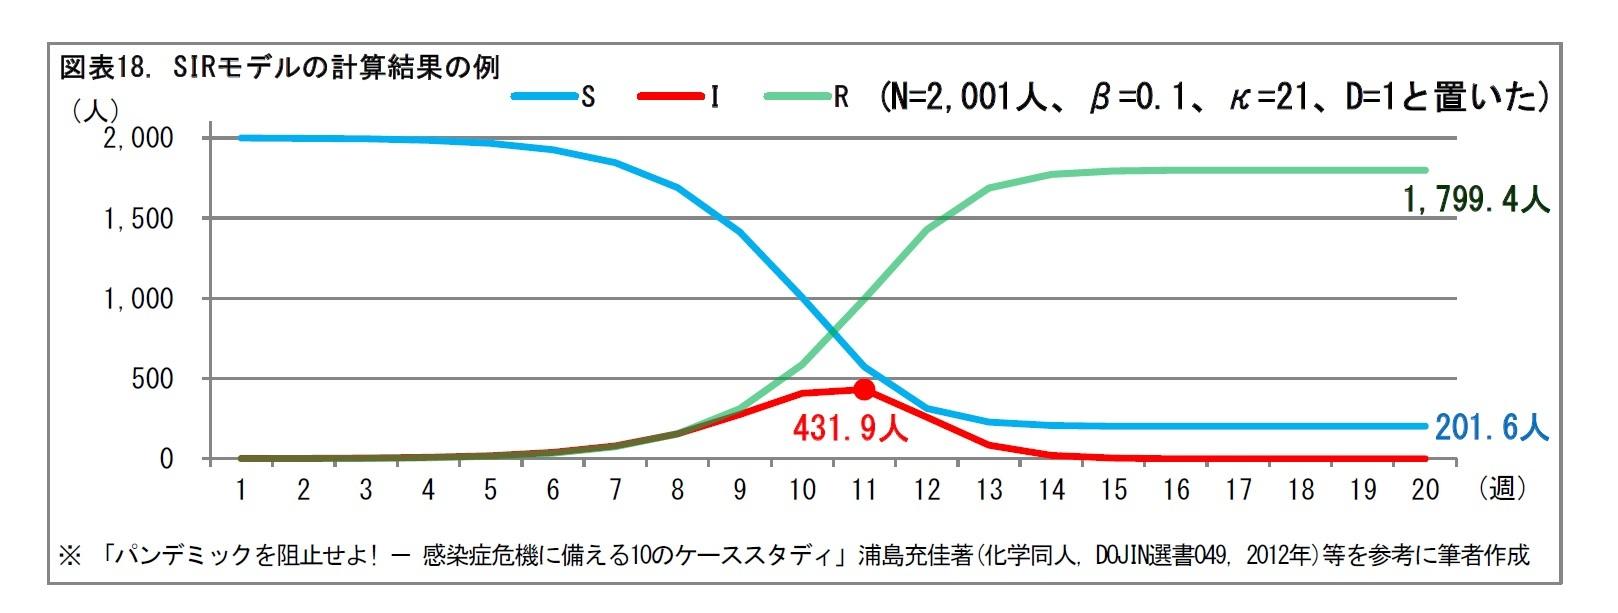 図表18. SIRモデルの計算結果の例